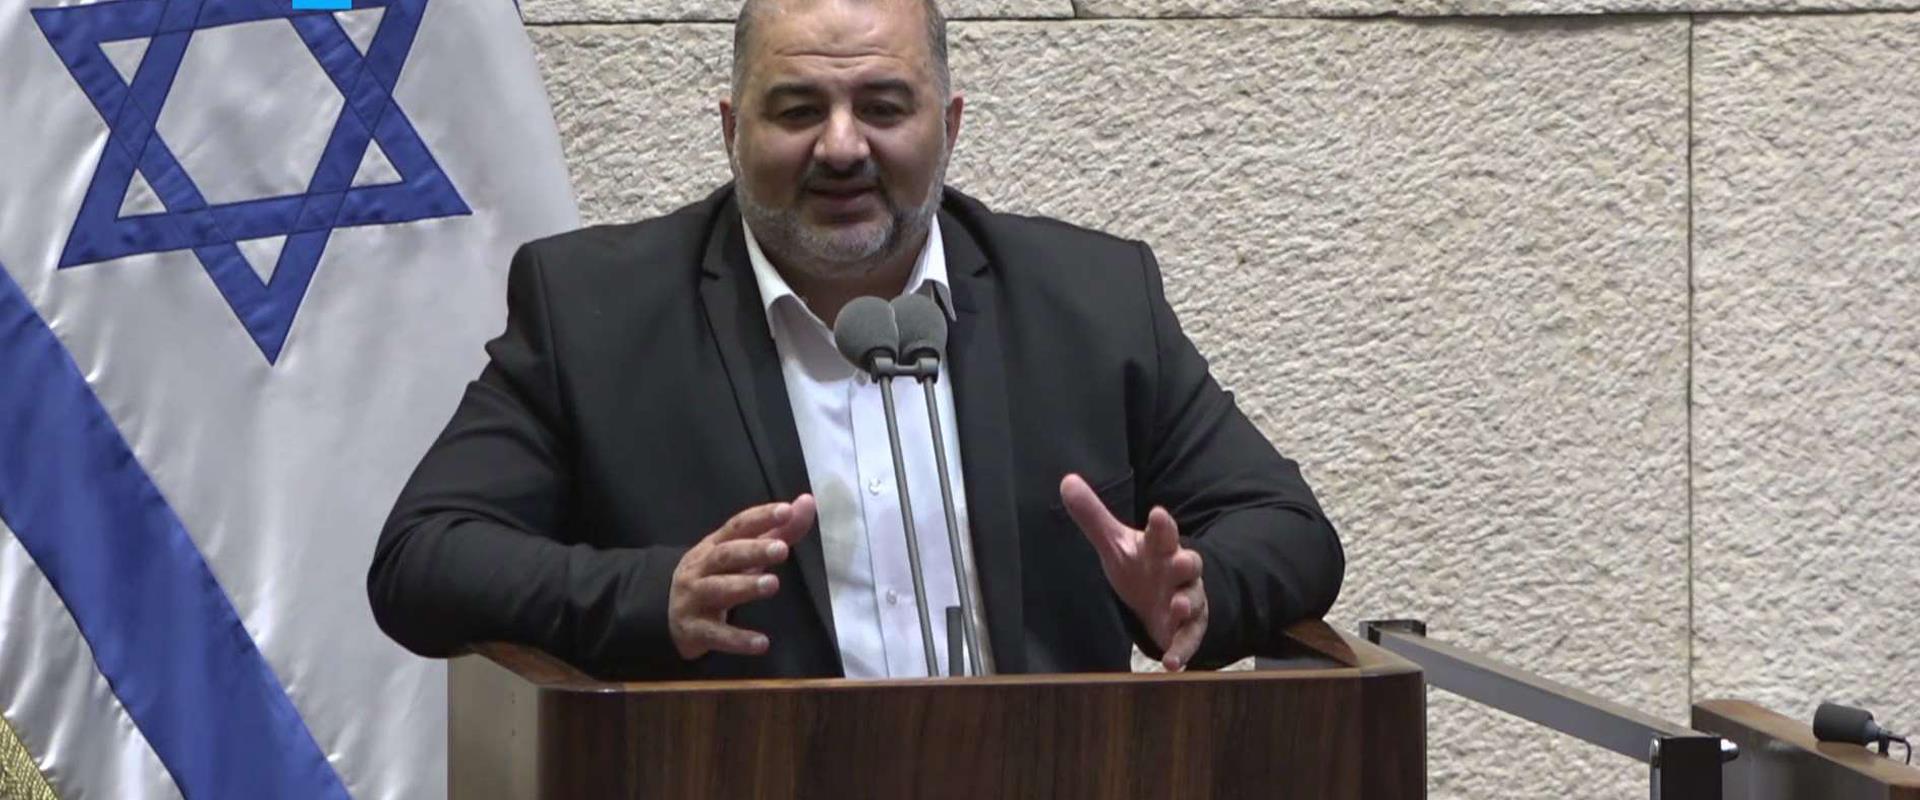 החברה הערבית נערכת להשבעה ההיסטורית